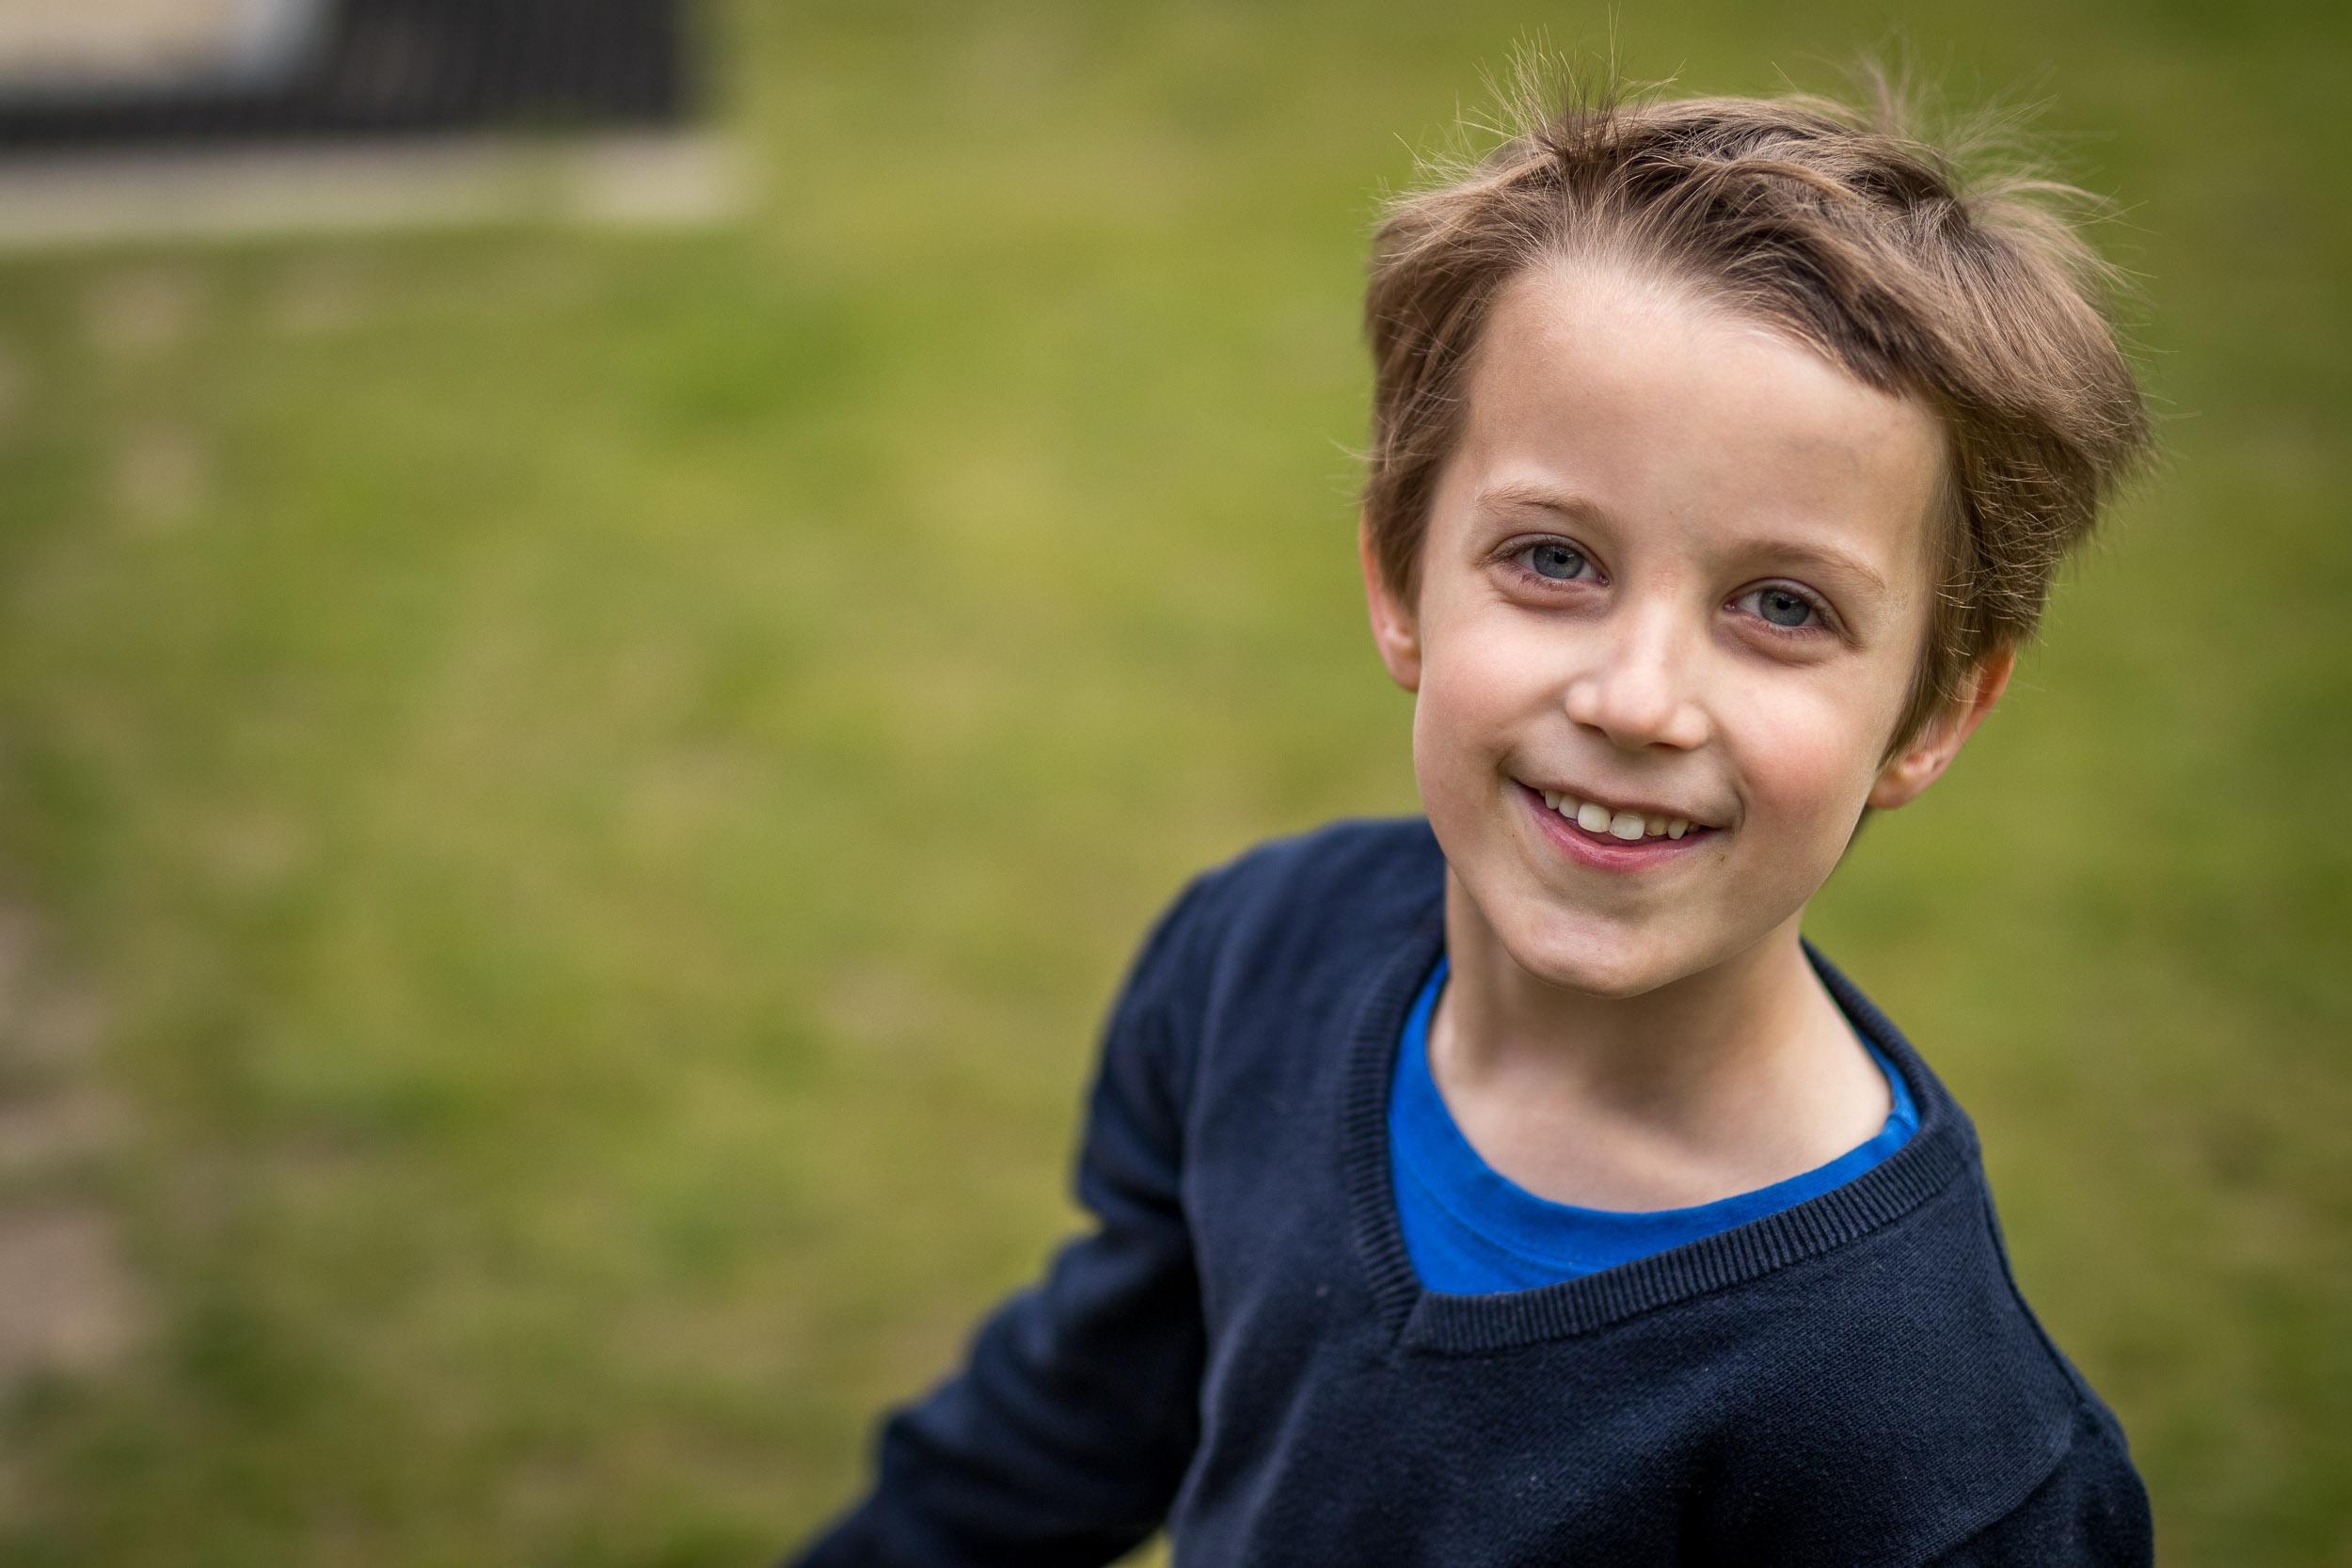 Un photographe d'événements prend un enfant souriant